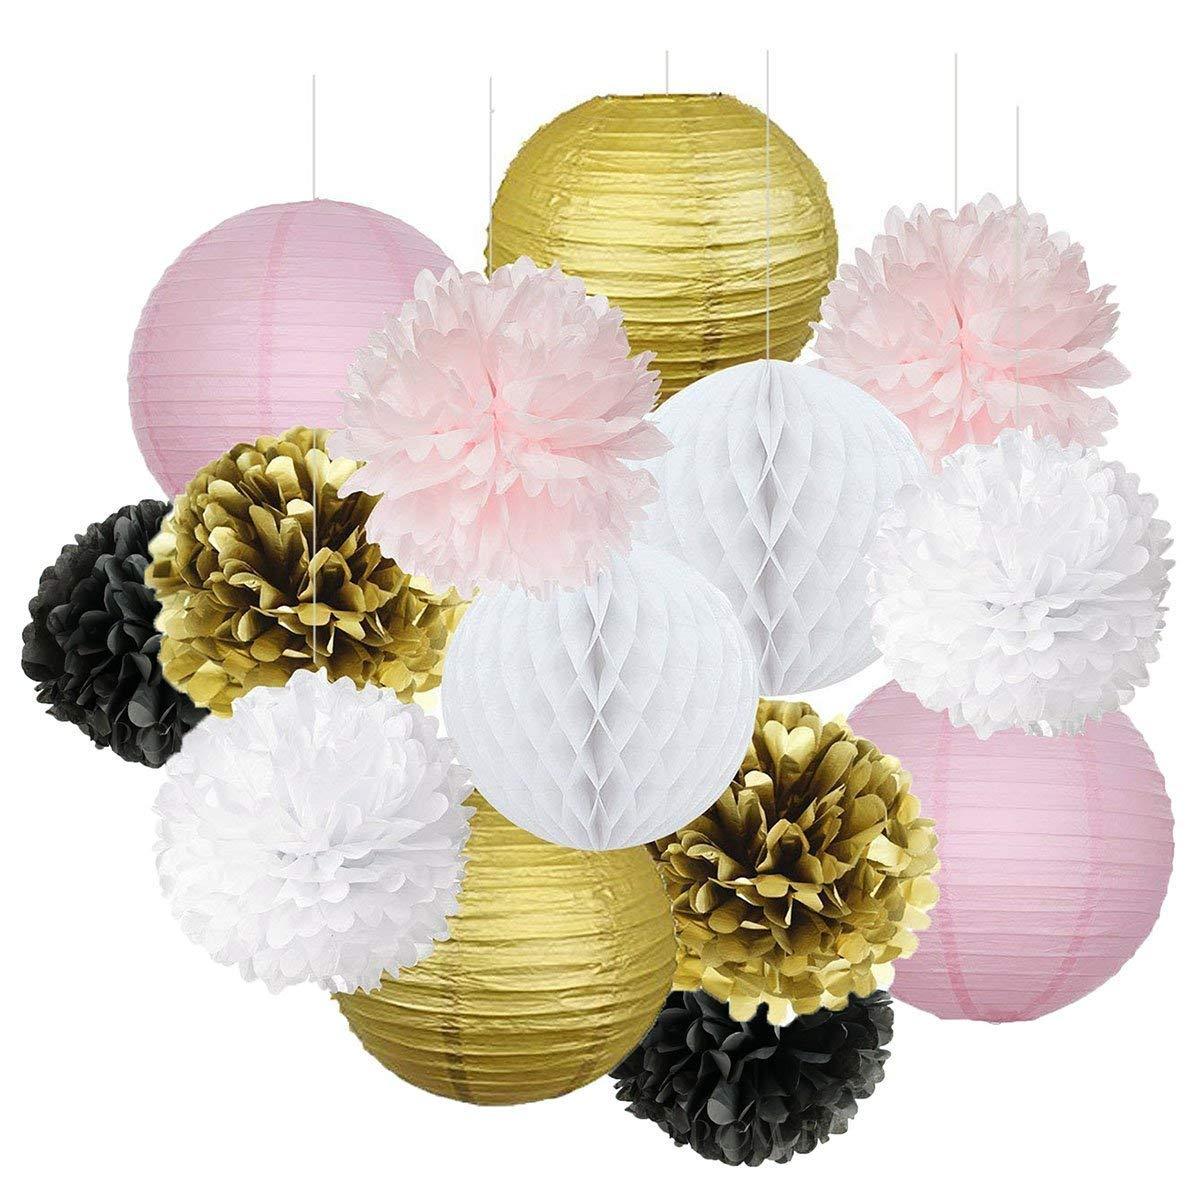 Idee per feste di compleanno francesi / parigini Oro rosa Bianco Nero Parigi Decorazioni per feste Carta velina Pom Pom a nido d'ape Palla / Lanterna di carta per decorazioni di compleanno per ragazze Ooh La La Baby Decorazioni per la doccia HappyField